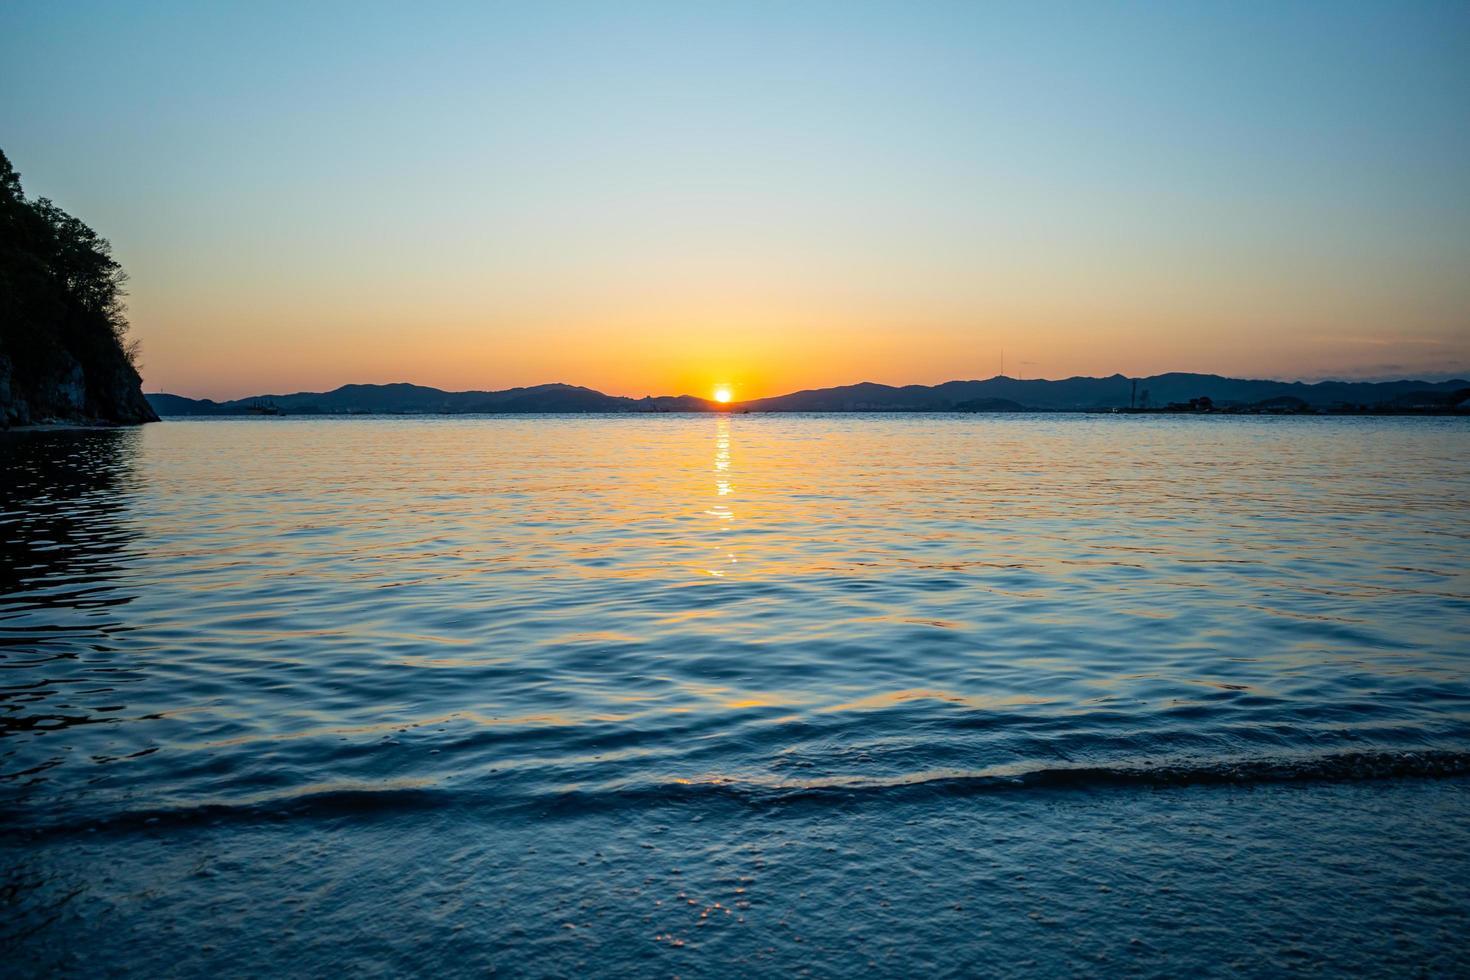 Meereslandschaft mit Blick auf einen wunderschönen Sonnenuntergang. foto